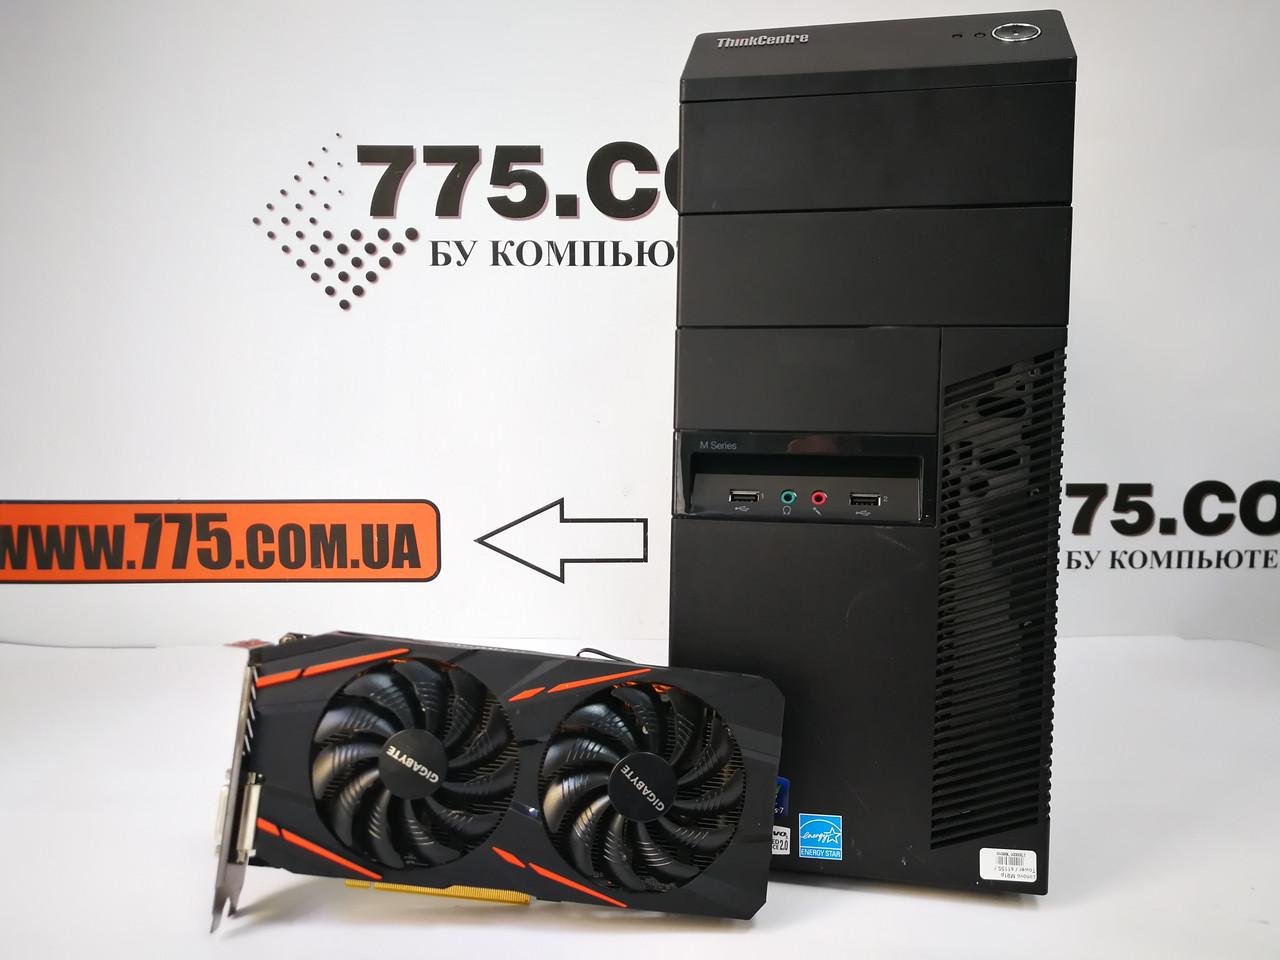 Игровой компьютер Lenovo M91P, Intel Core i5-2400 3.4GHz, RAM 8ГБ, SSD 120ГБ, HDD 500ГБ, Radeon RX 570 4GB